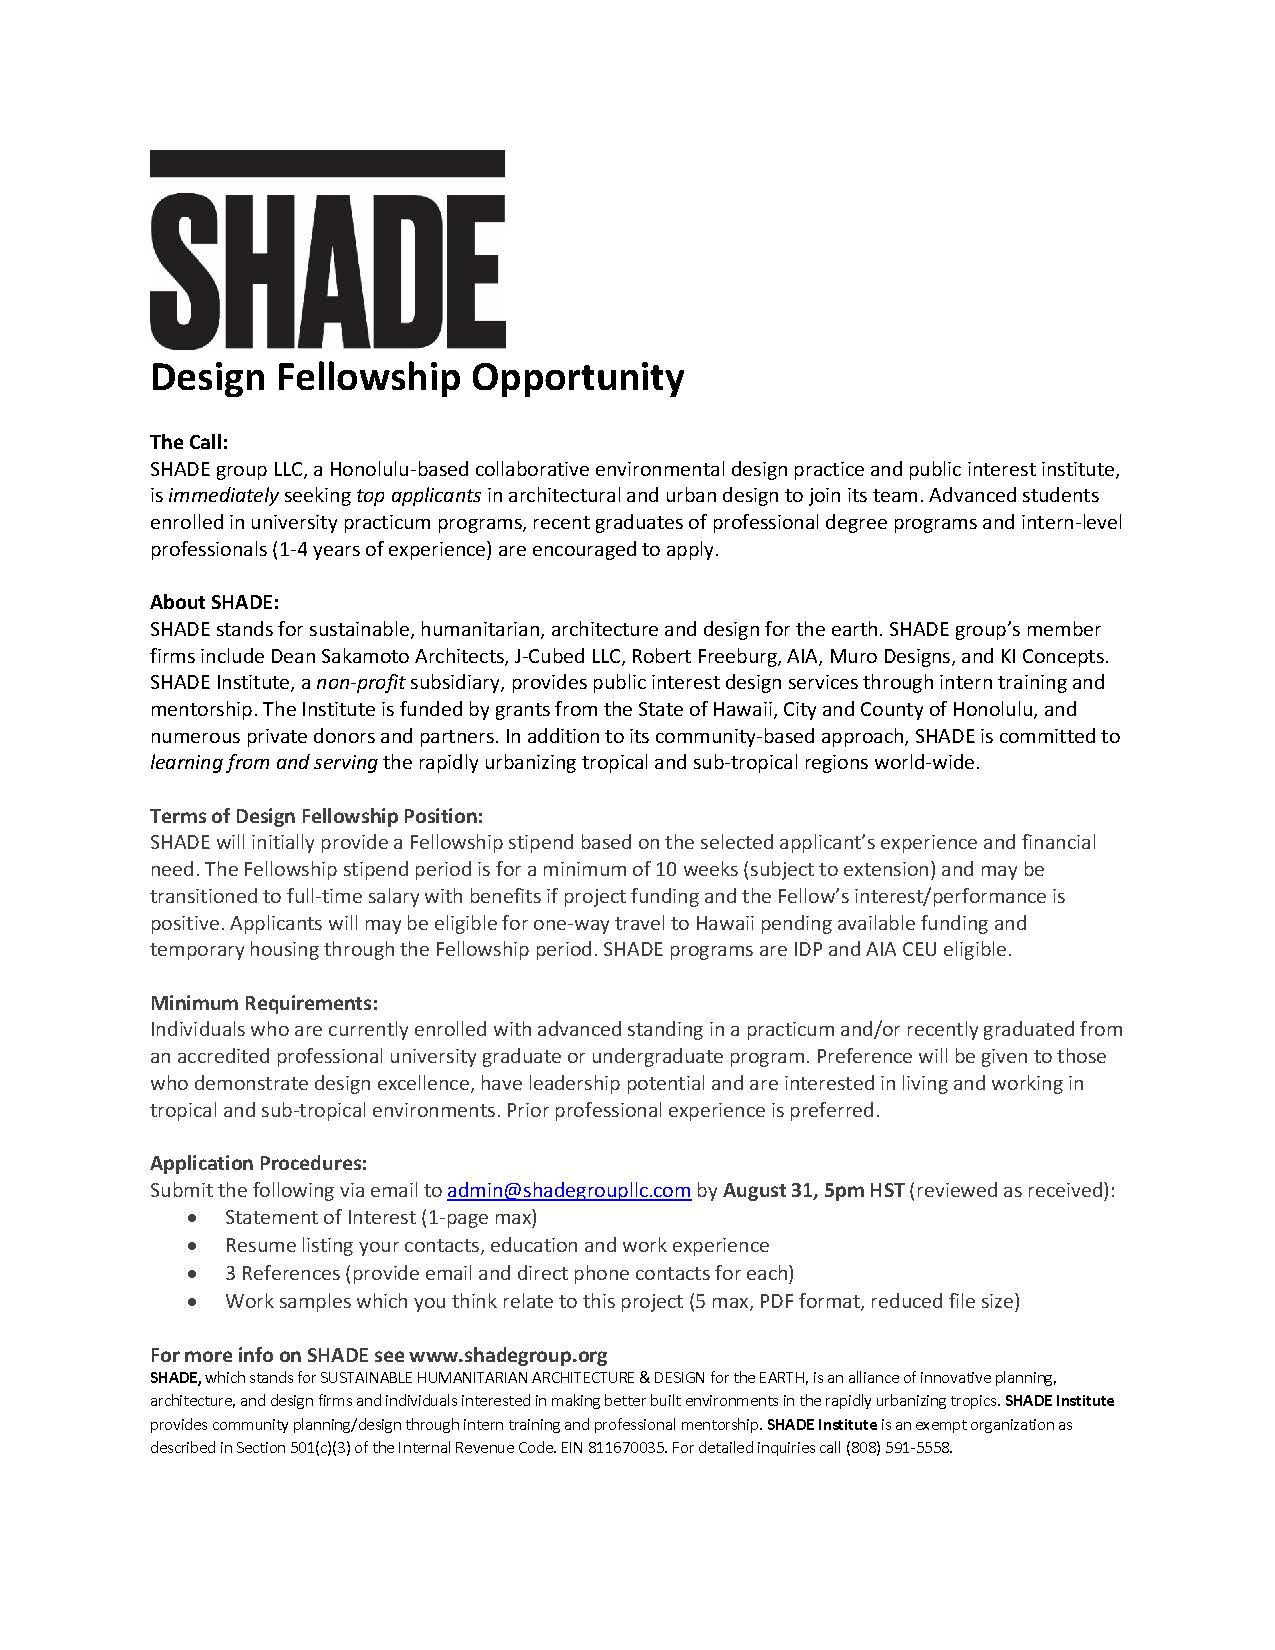 SHADE 2018 Fellowship Designer Opporturnity_180731.jpg